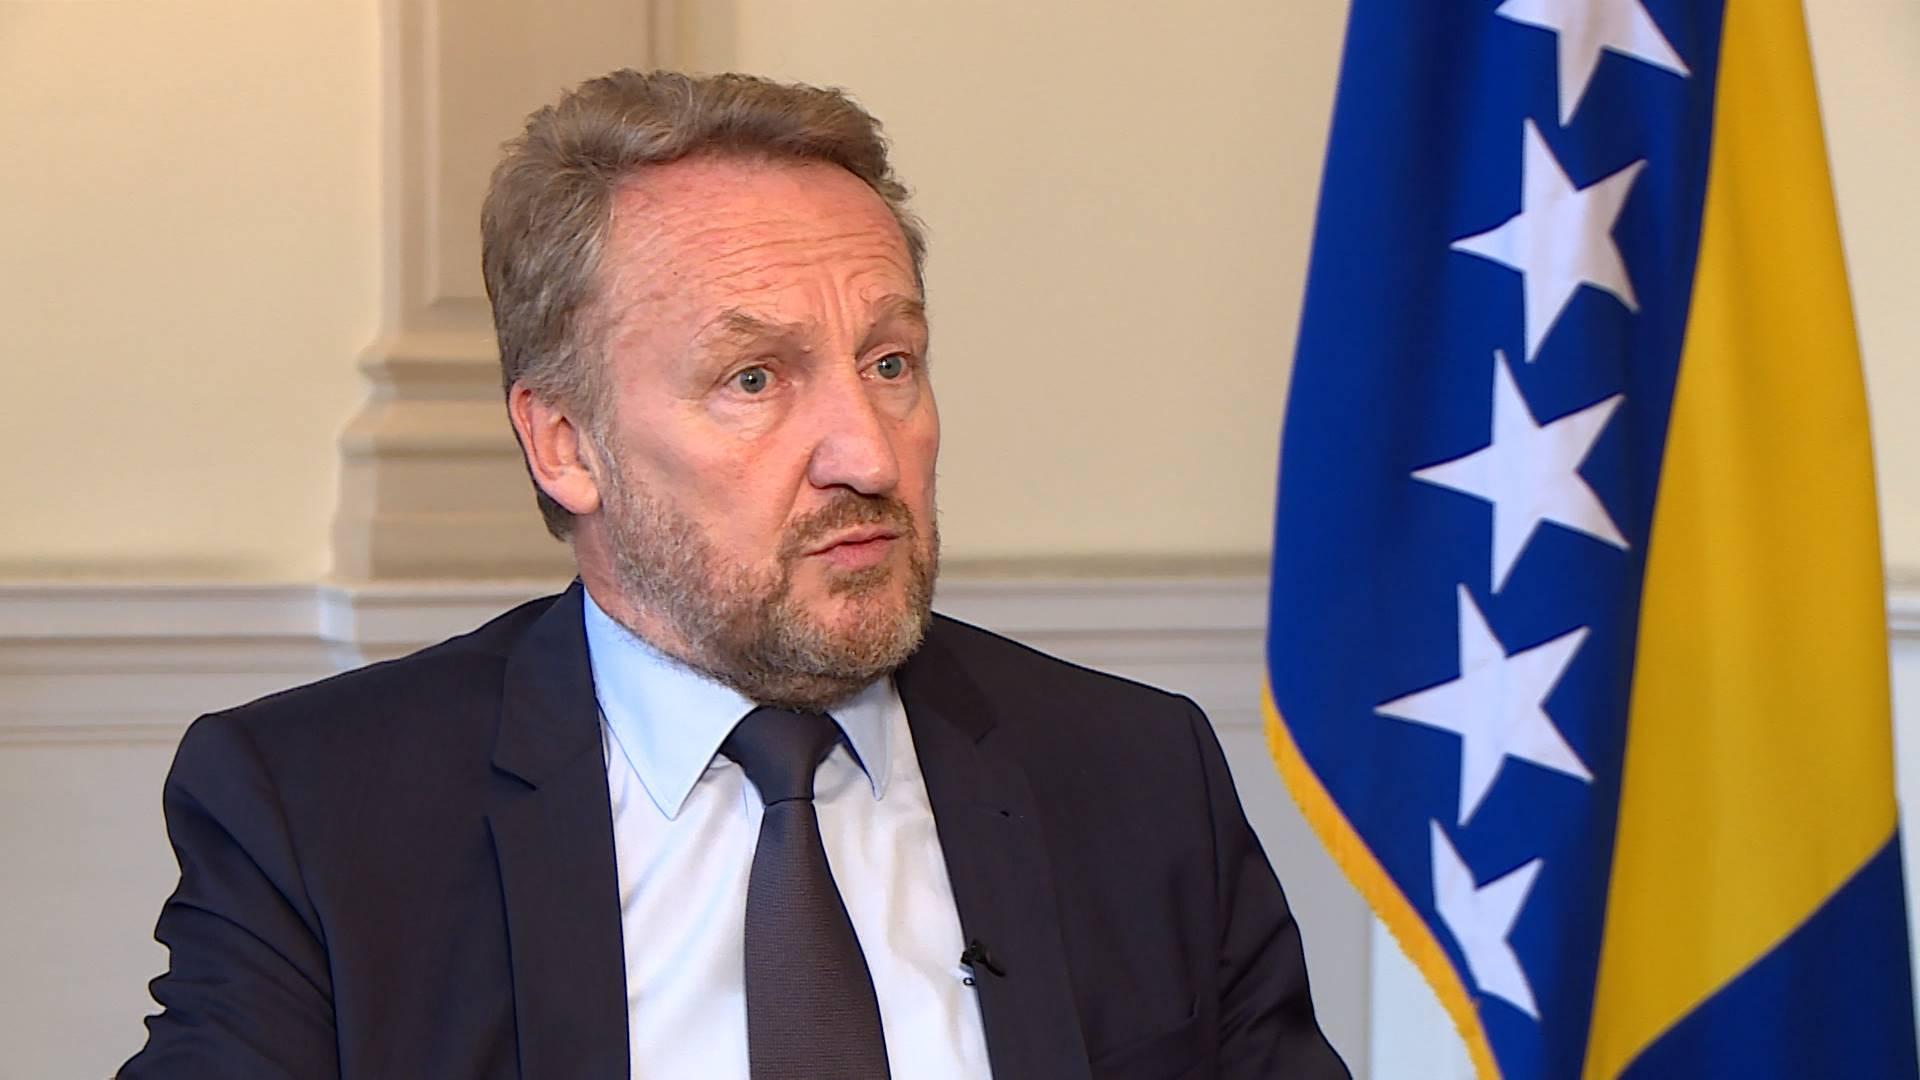 Ambasada Rusije i OEBS osudili Izetbegovićevu retoriku